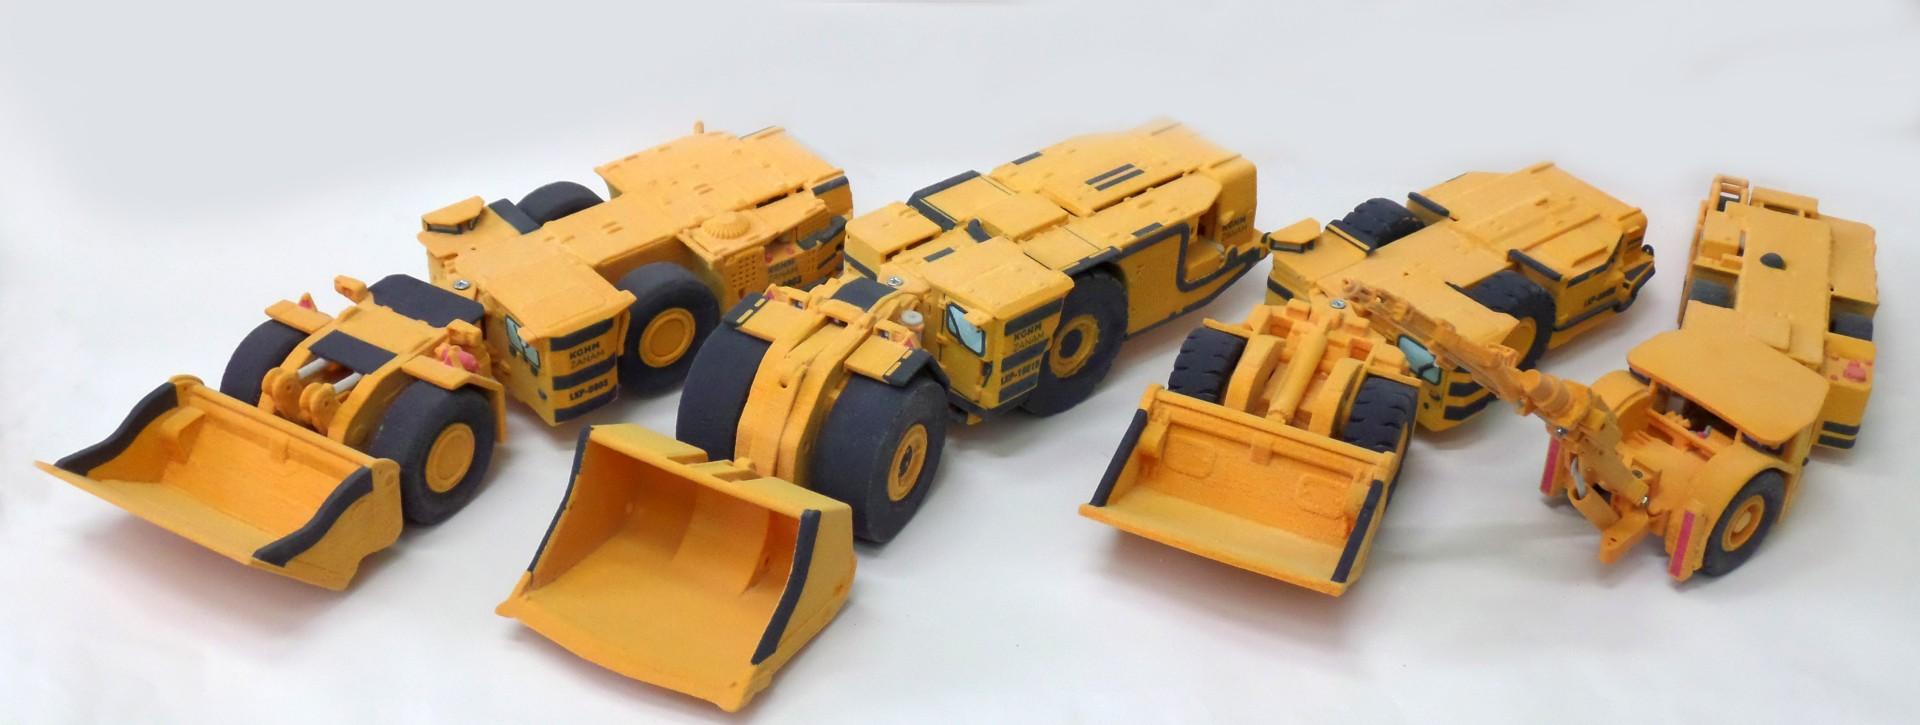 druk 3D CJP wykonanie pokazowych modeli pojazdow gorniczych kompanii gorniczej KGHM Zanam